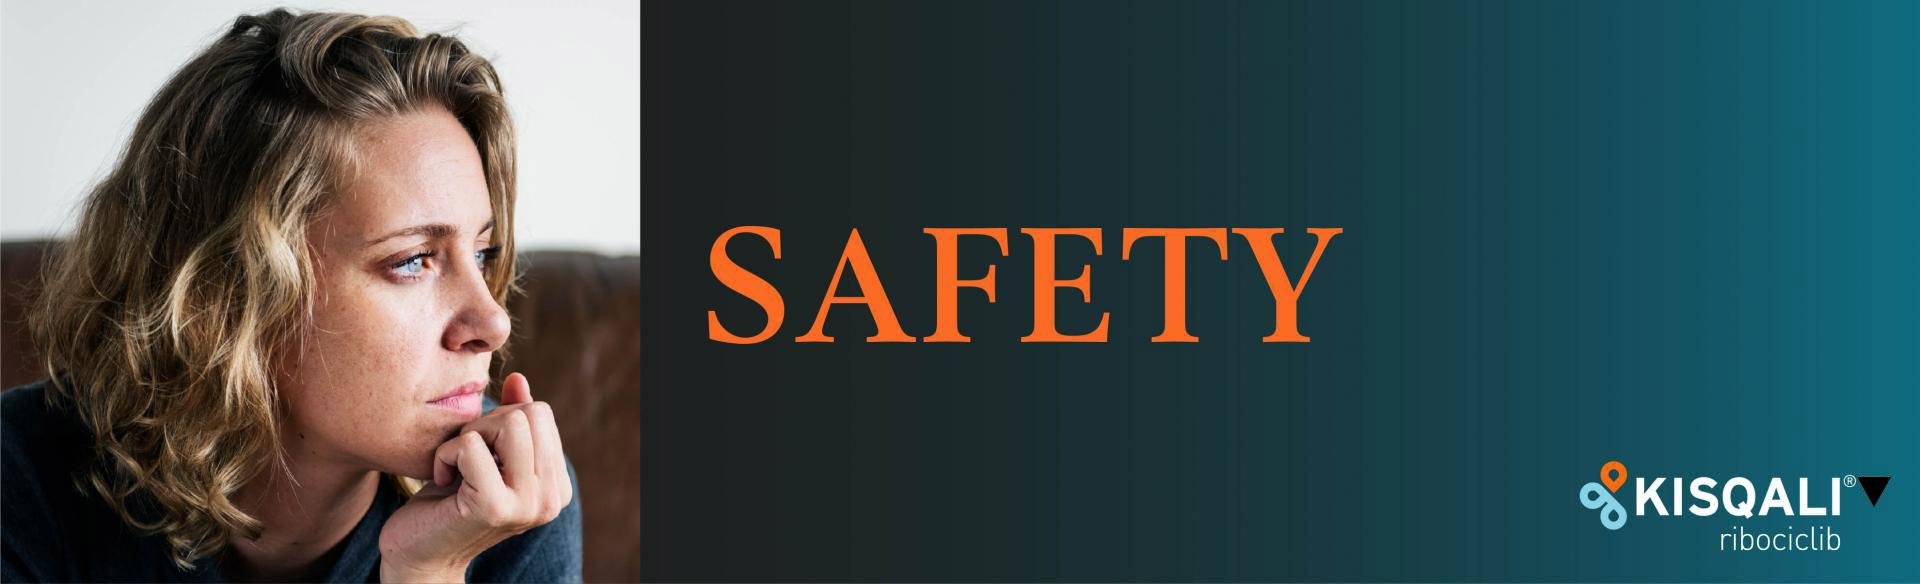 Woman headshot. SAFETY